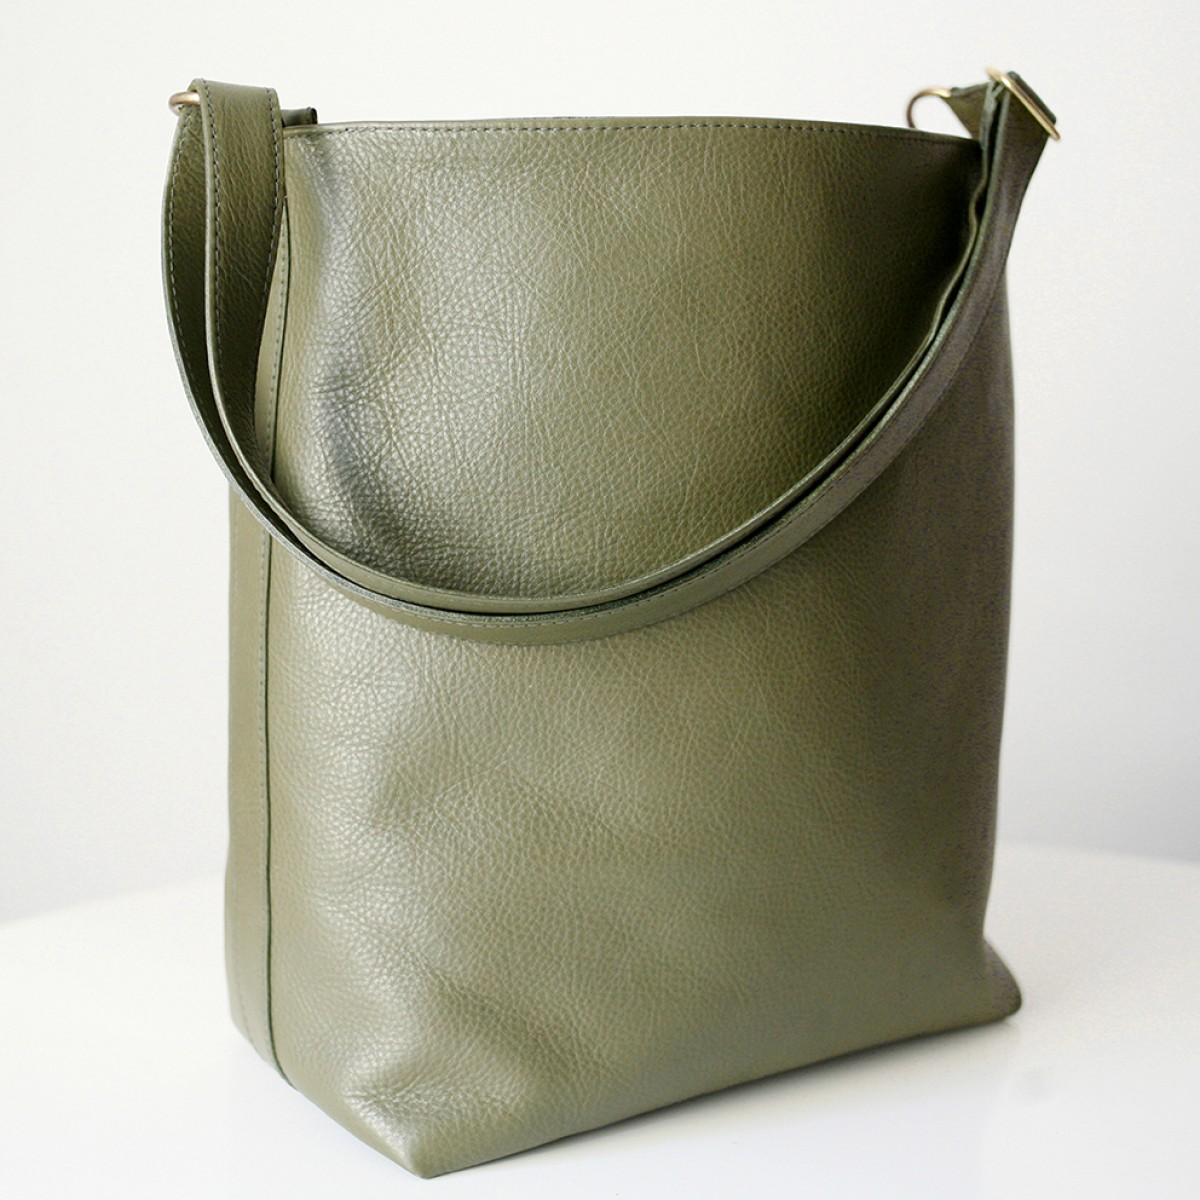 alexbender Hobo Bag echt Leder Oliv